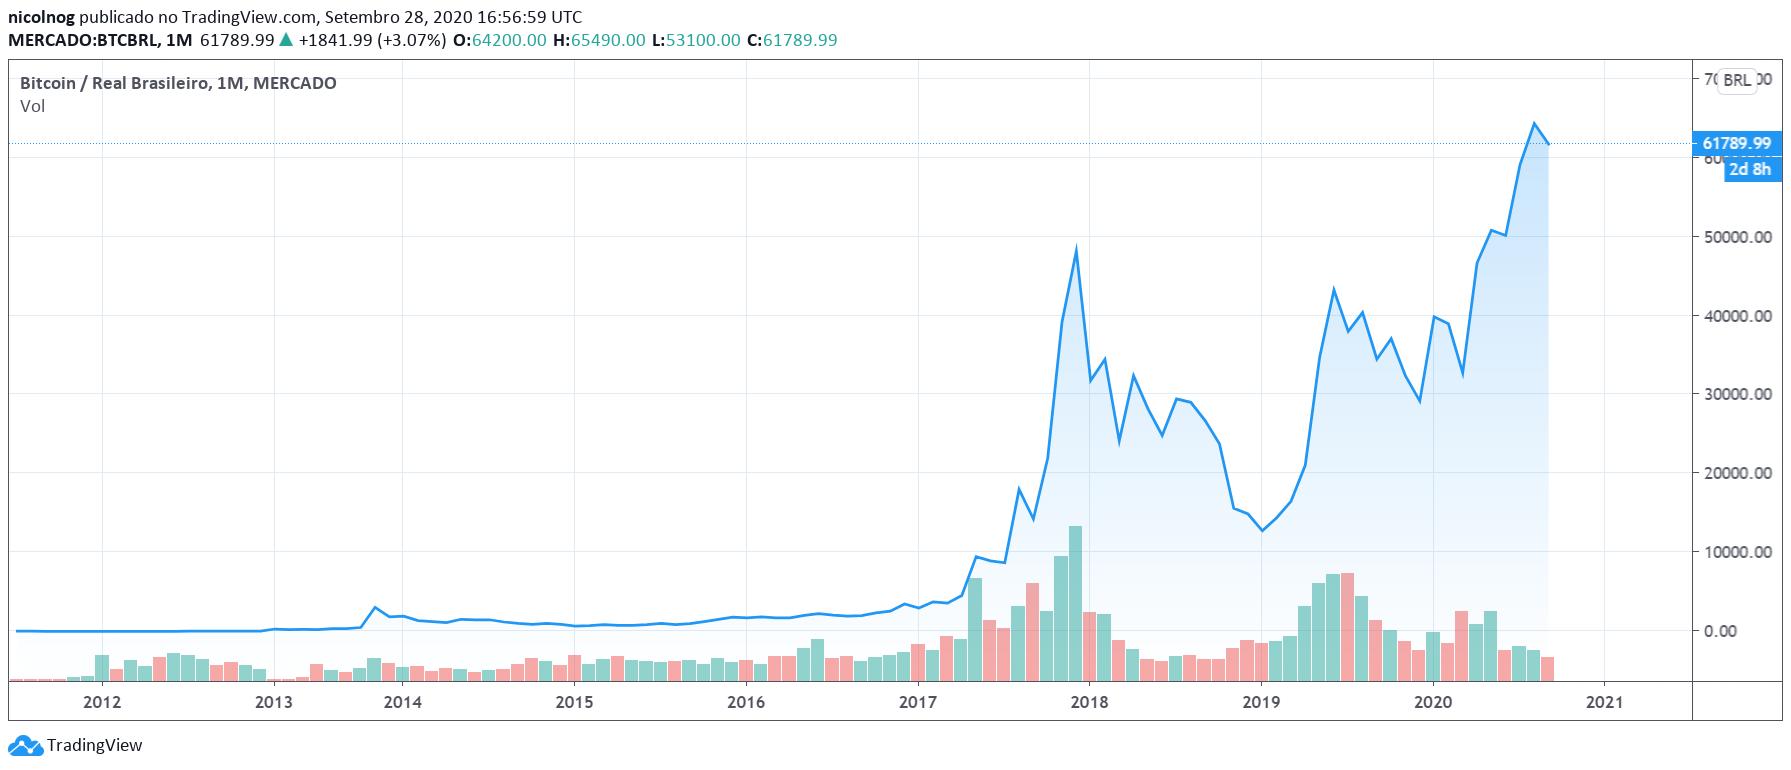 Preço histórico do Bitcoin